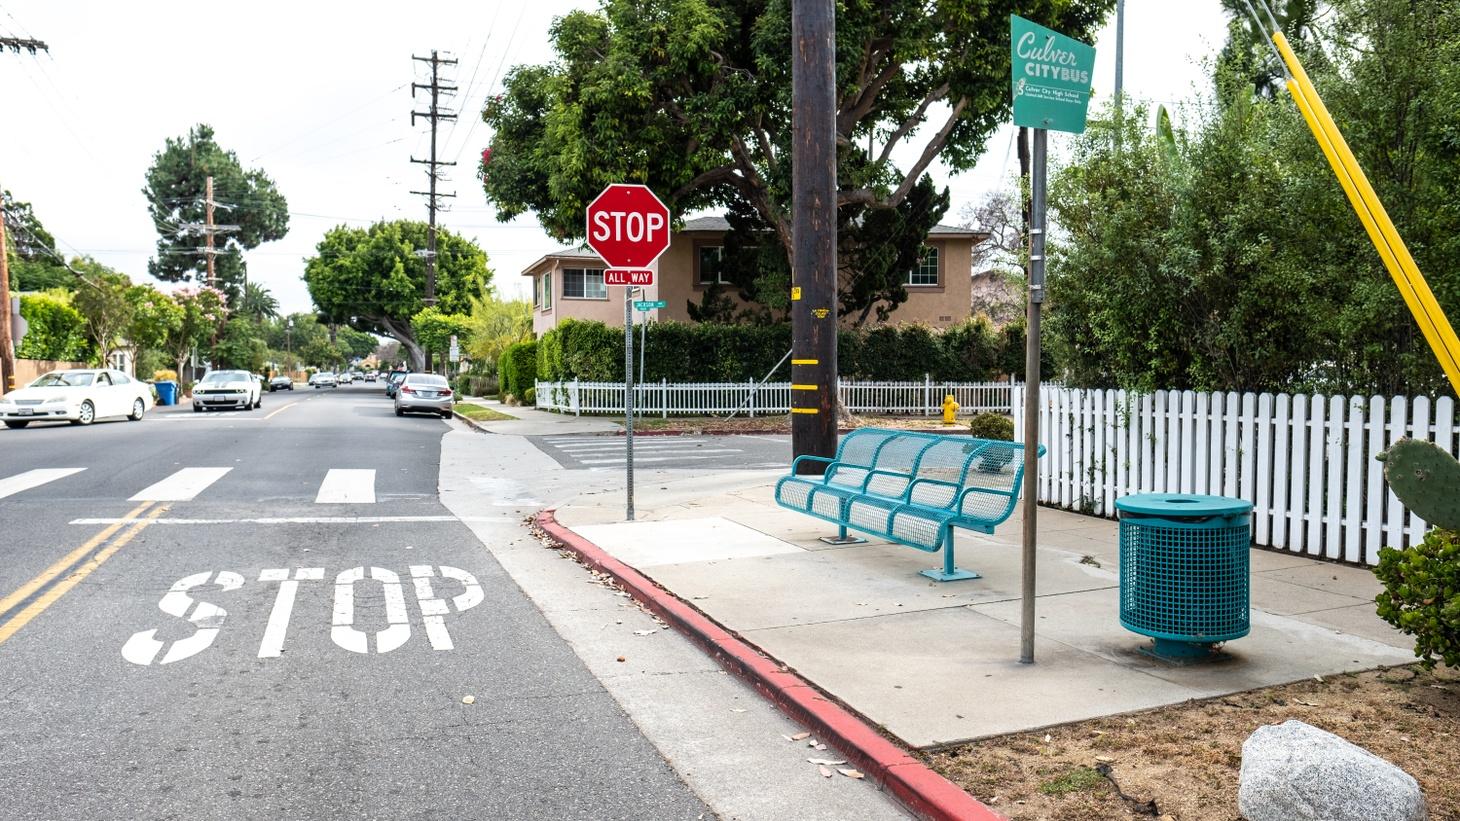 A bus stop in Culver City, June 24, 2019.